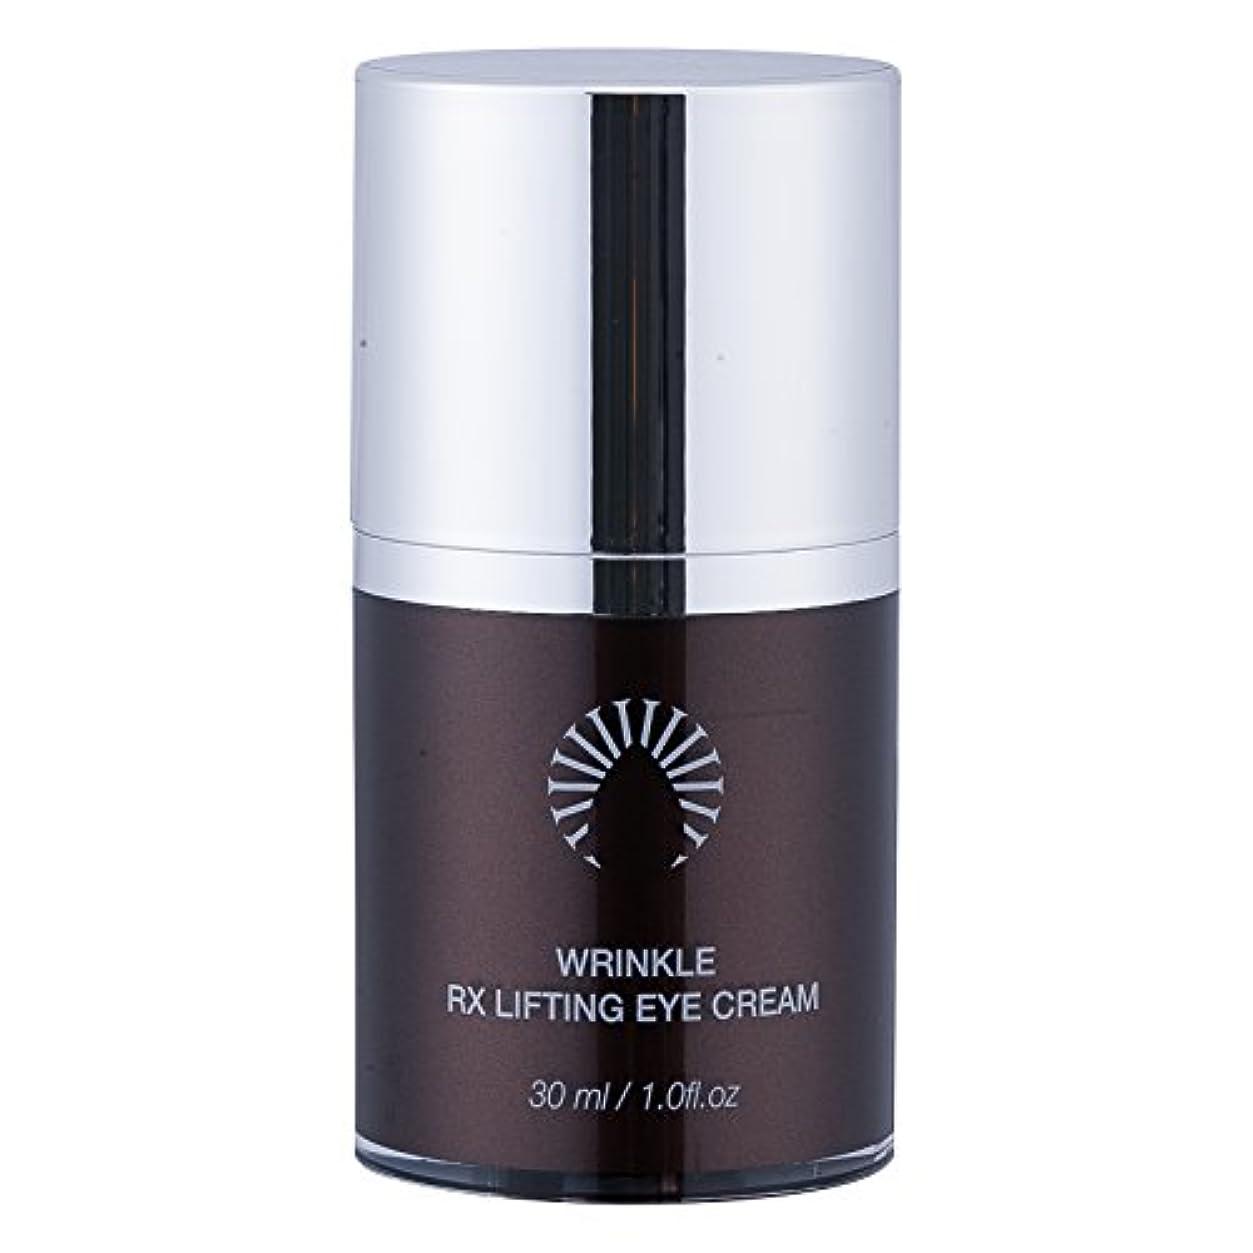 ひどくイベントモールス信号LEAUCLAIRE CALLUS Wrinkle RX Lifting Eye Cream リフティングアイクリーム